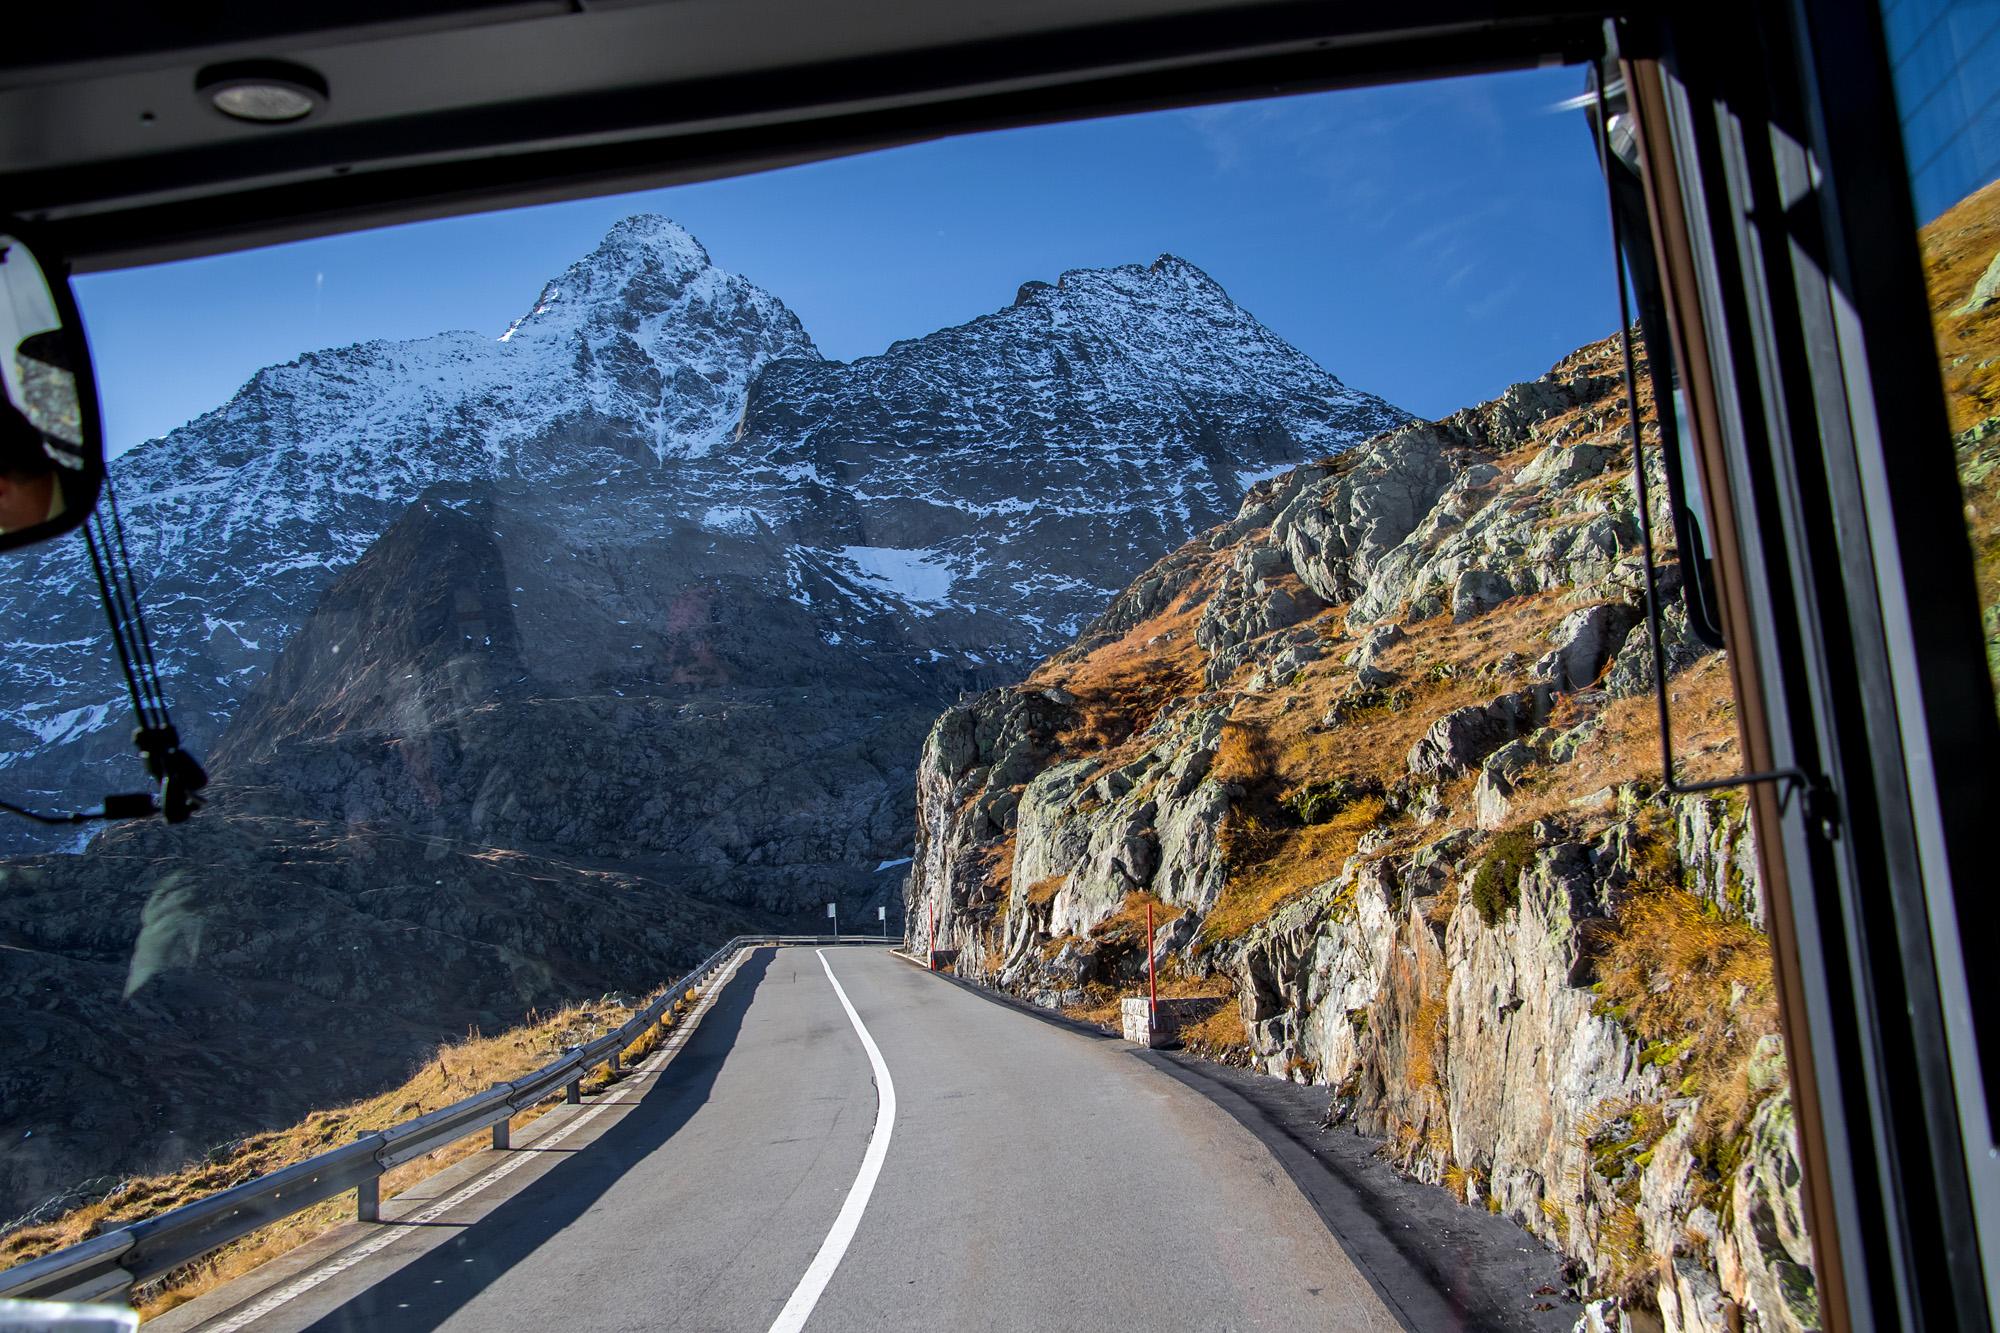 Fahrt auf dem Sustenpass mit Blick auf das Sustenhorn